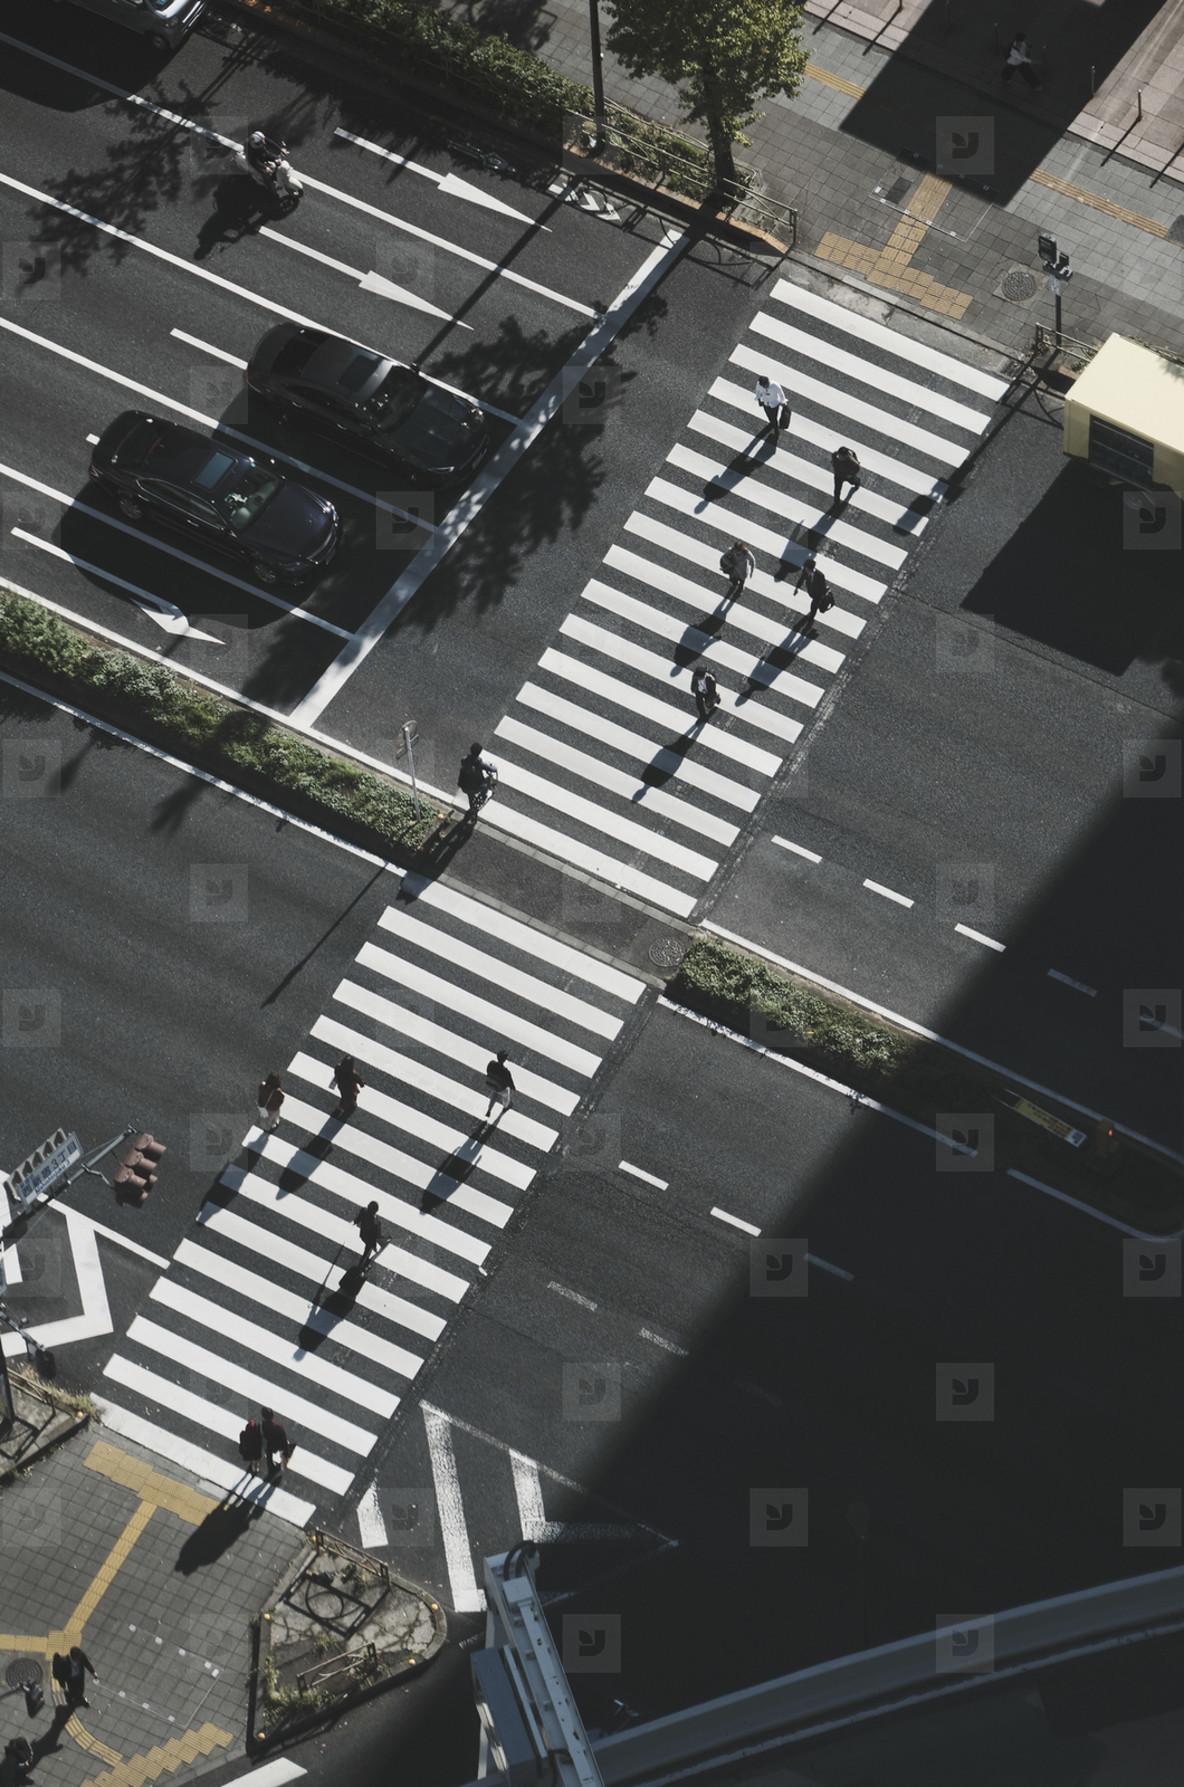 Aerial view pedestrians crossing city street at crosswalk Tokyo  Japan